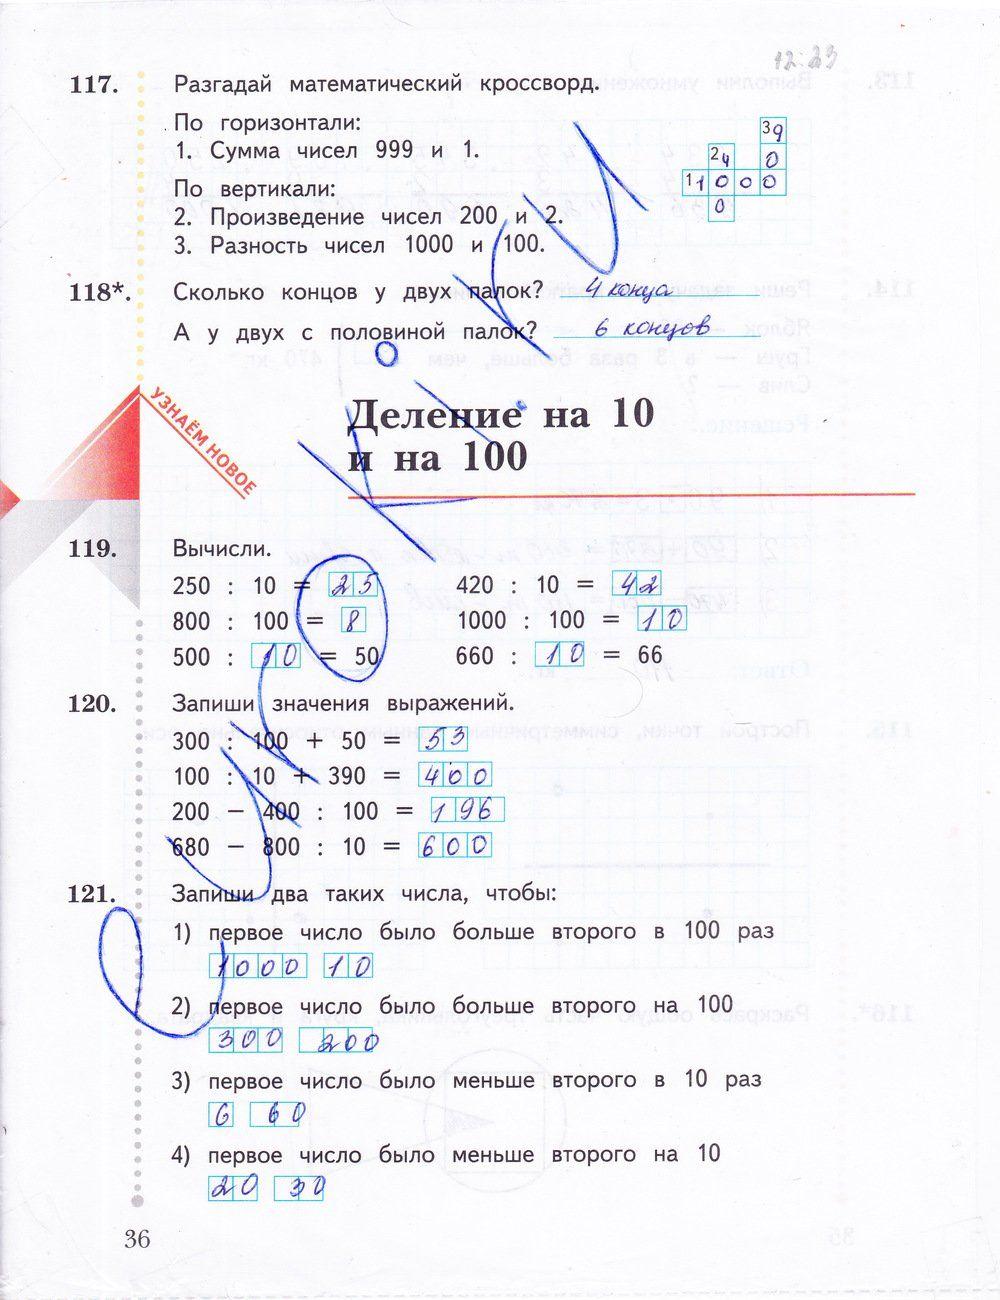 Как написать реферат по этике 6 класс оксана данилевская елена помитун